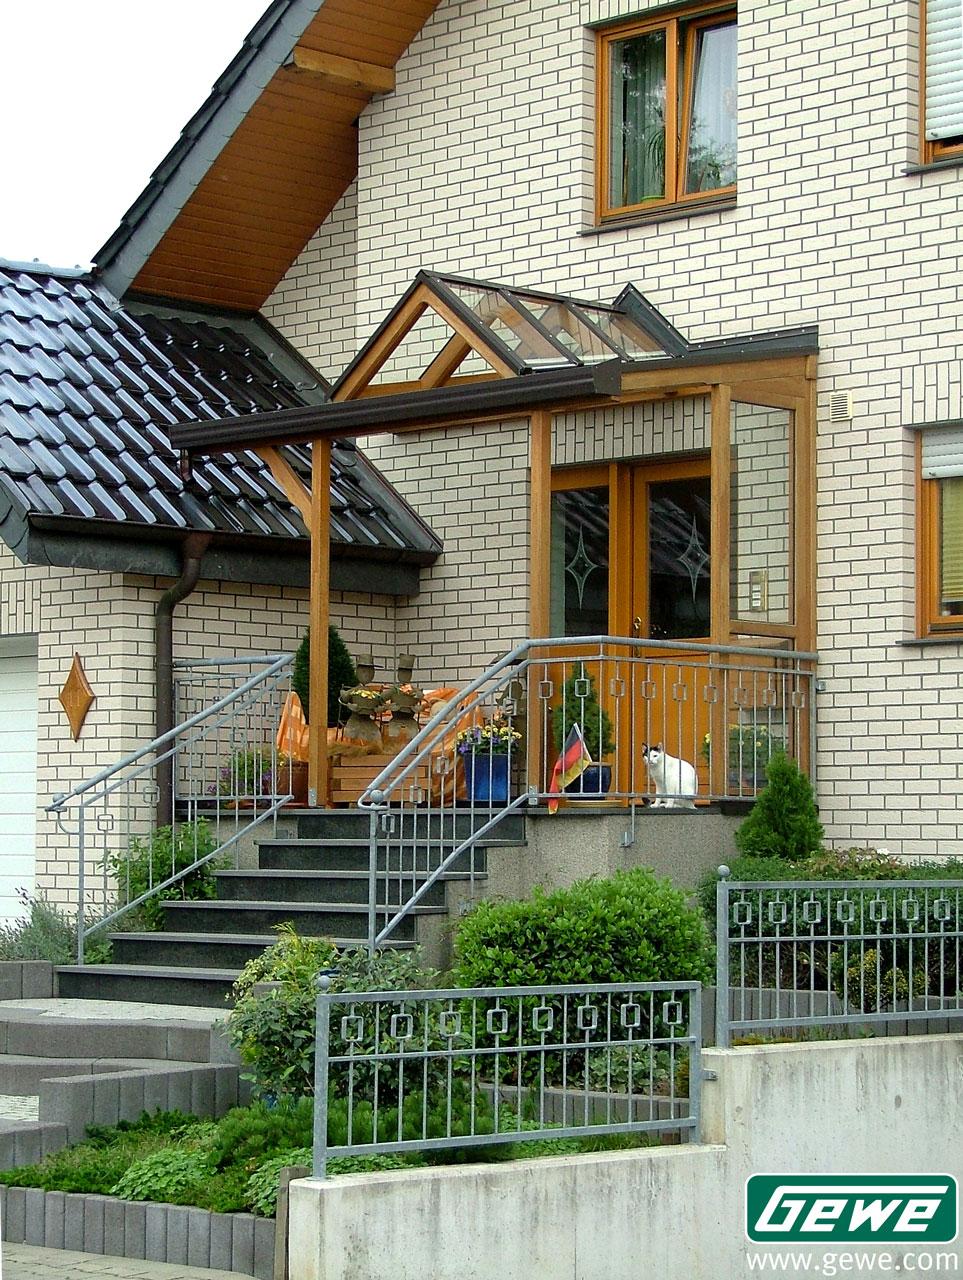 vordcher aus holz top bego holz und stahl with vordcher aus holz bei dieser villa in. Black Bedroom Furniture Sets. Home Design Ideas